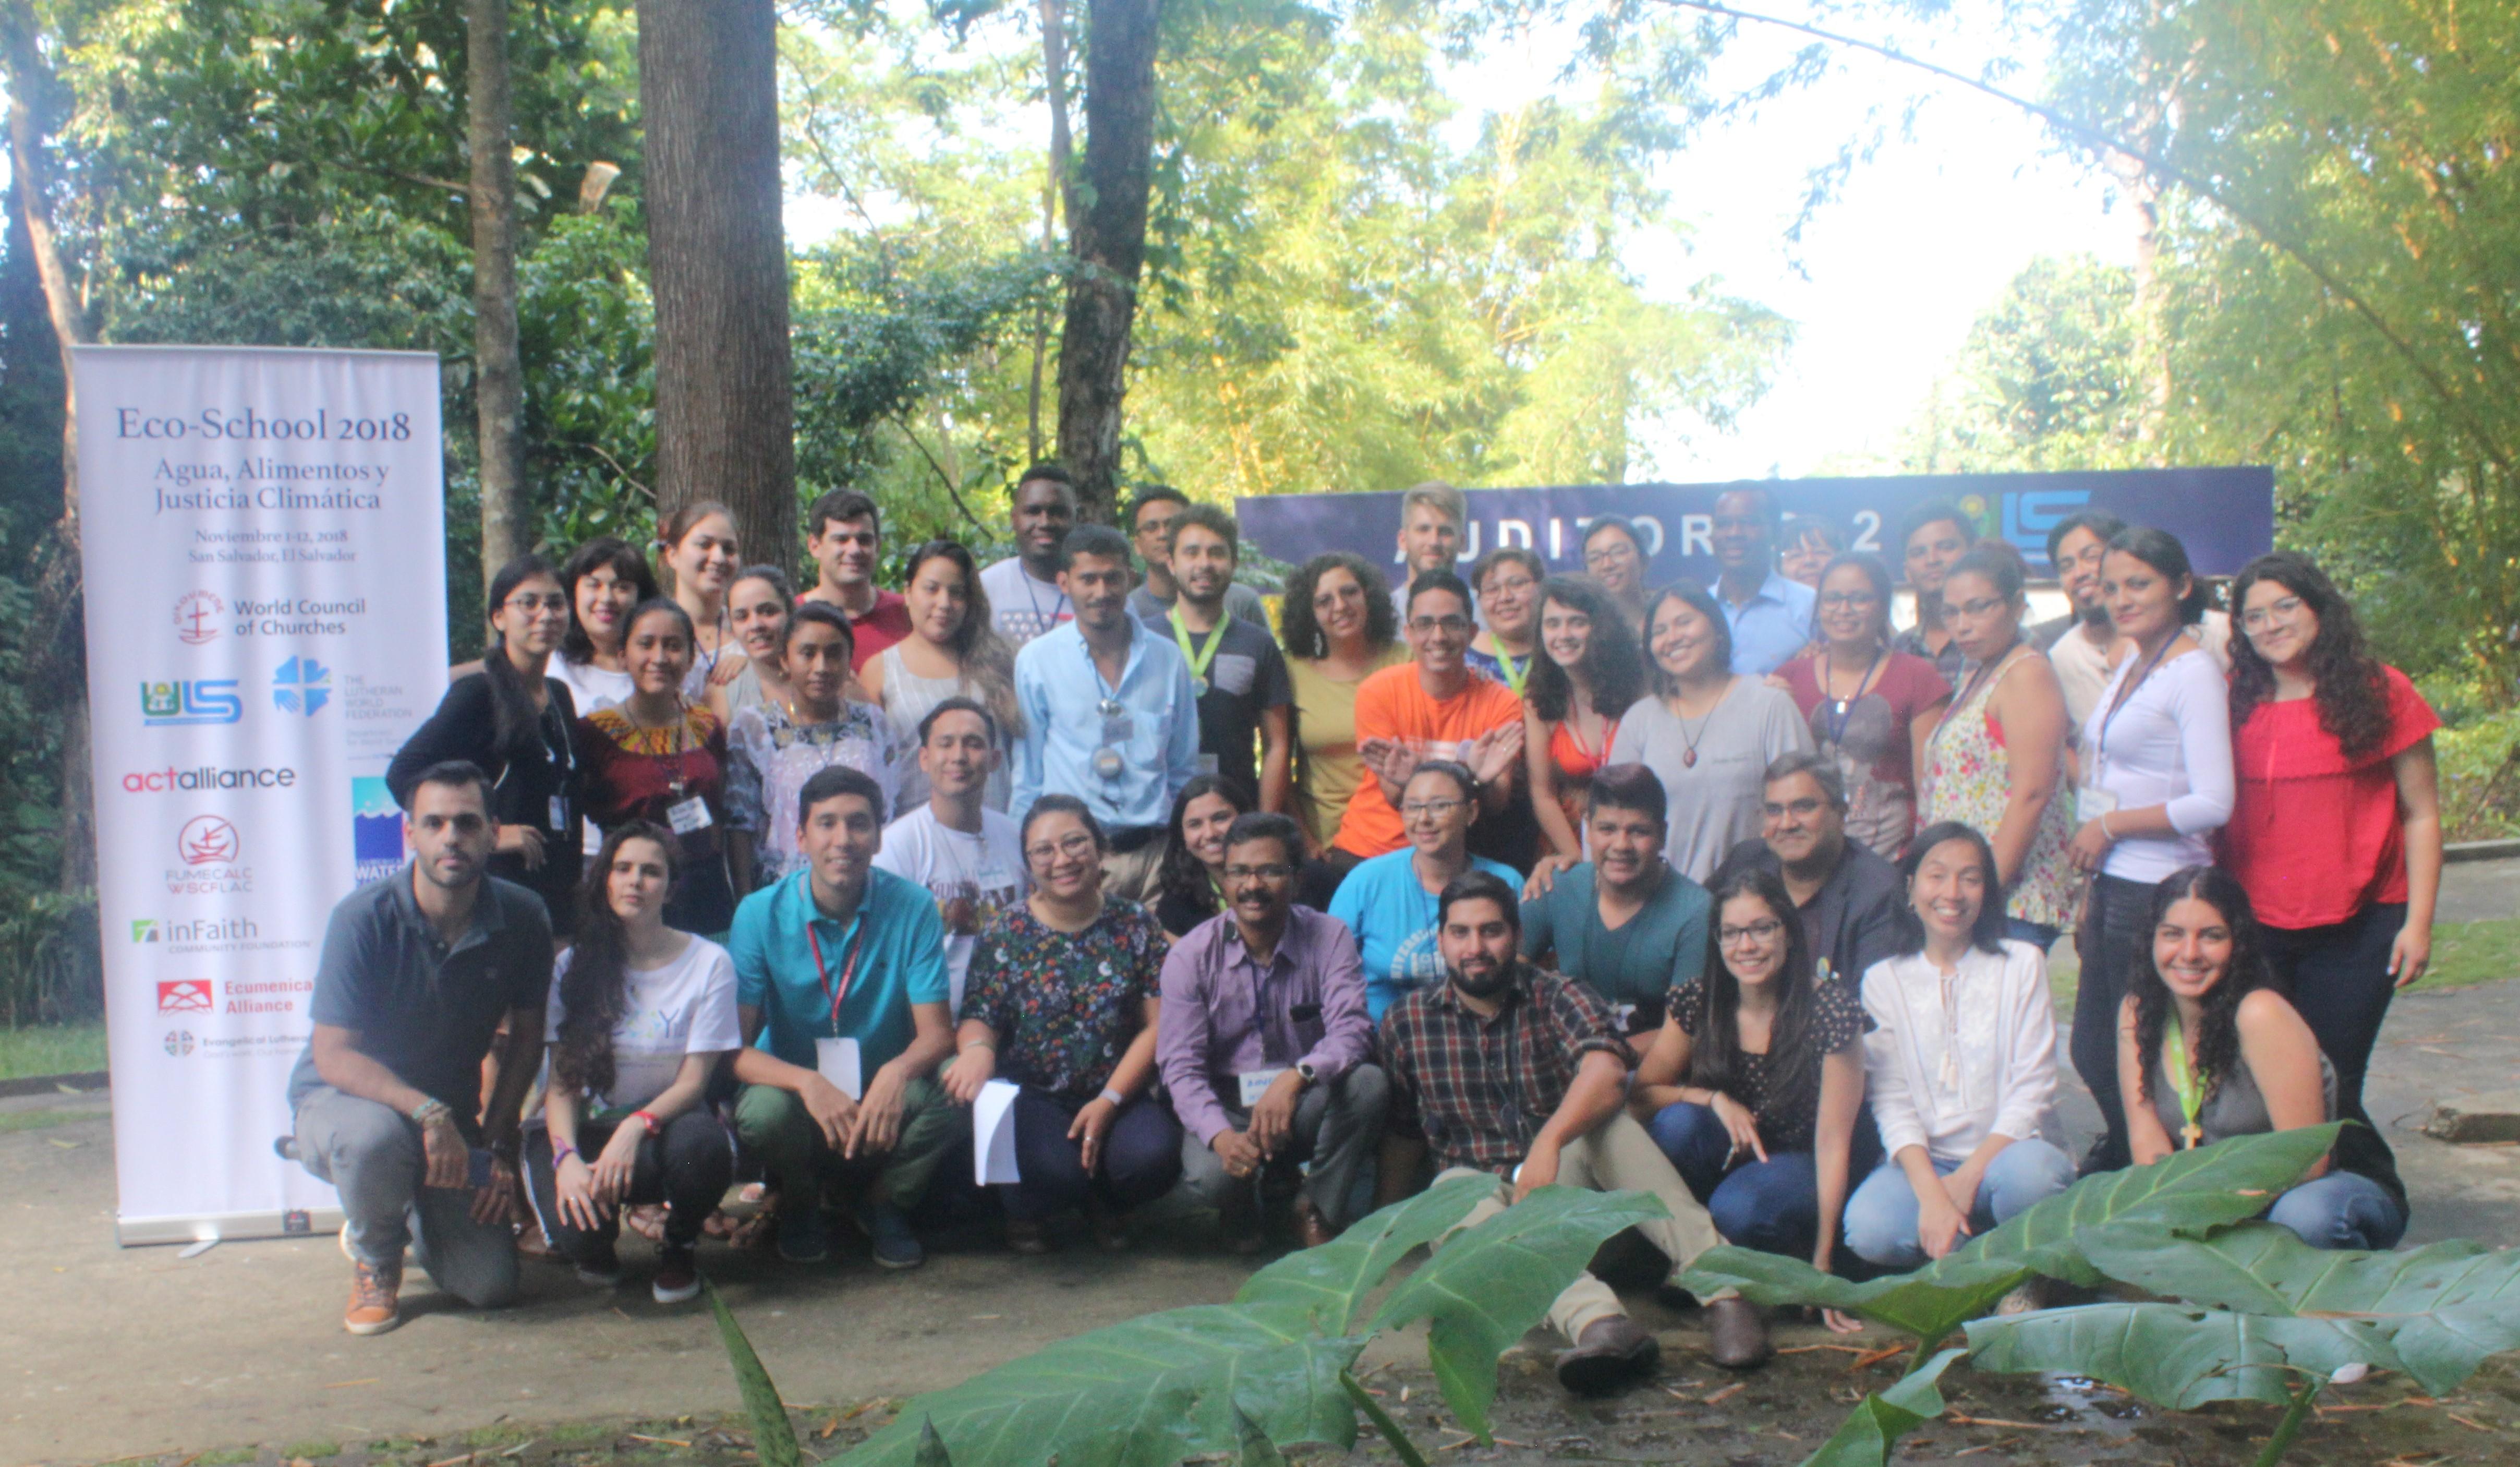 Relato: Juventude latinoamerica se reúne em El Salvador para discutir Água, Alimentação e Justiça Climática